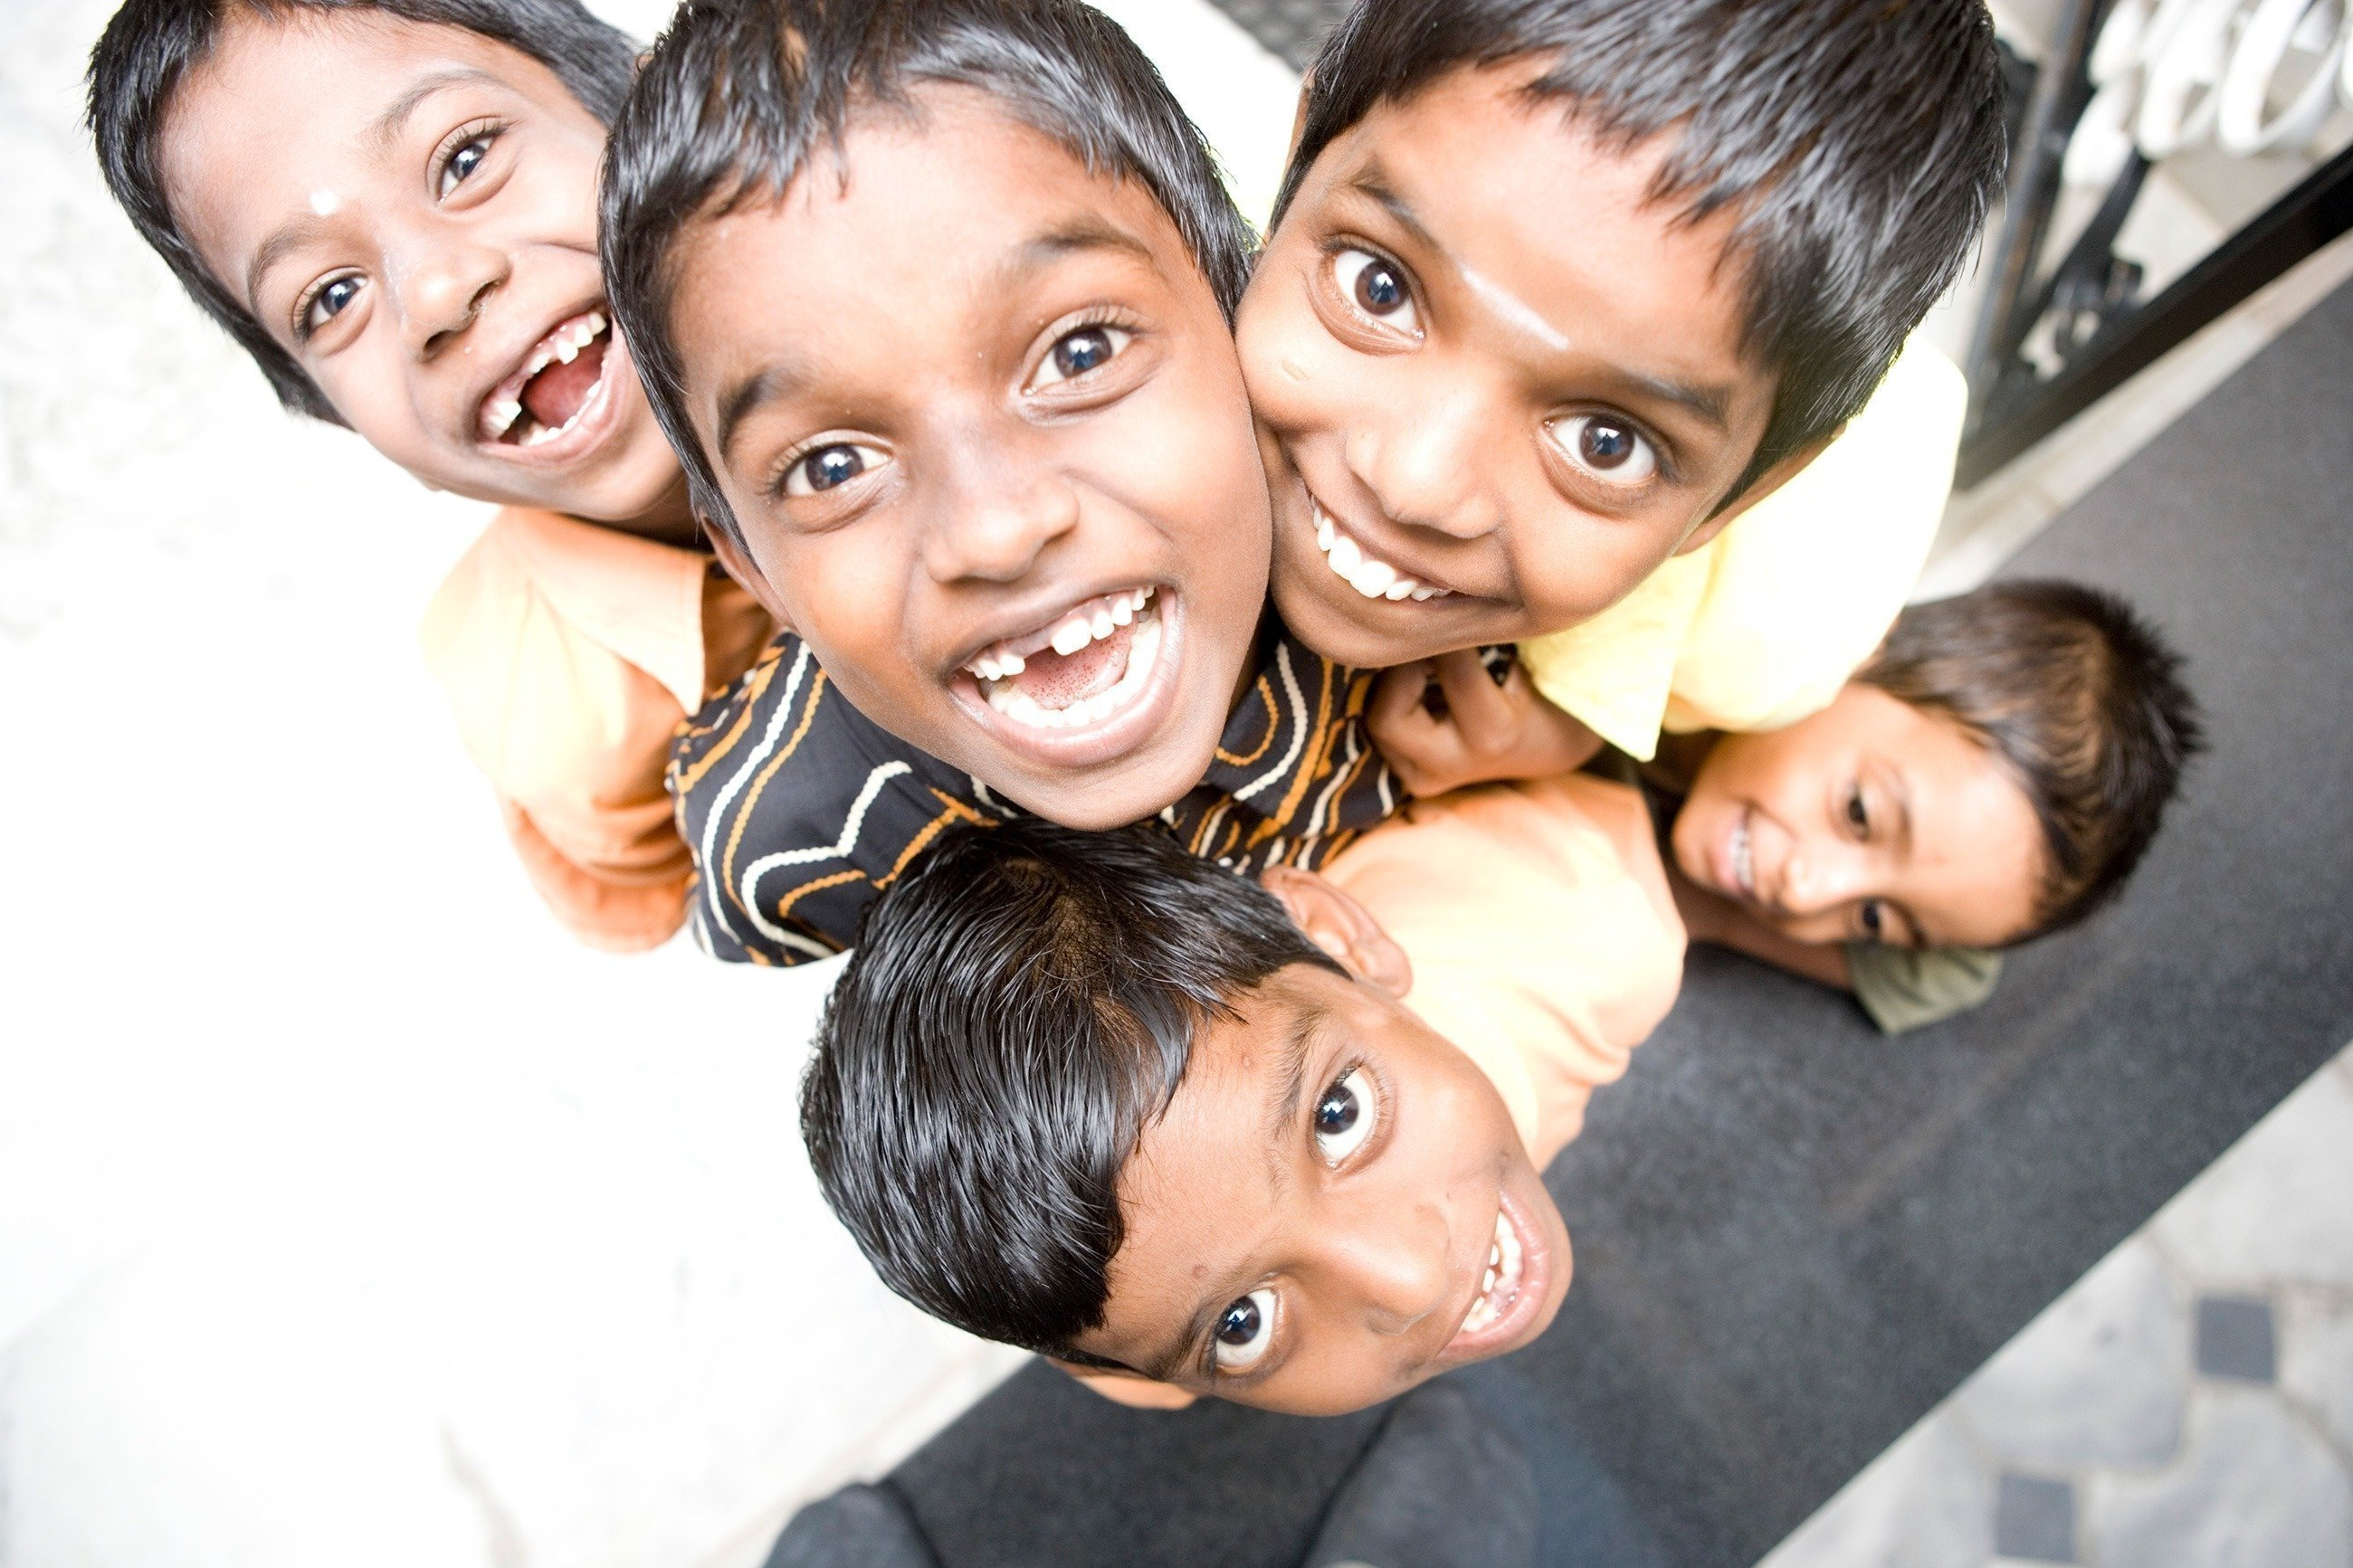 Des enfants indiens regardent en haut, vers l'appareil photo, en riant.